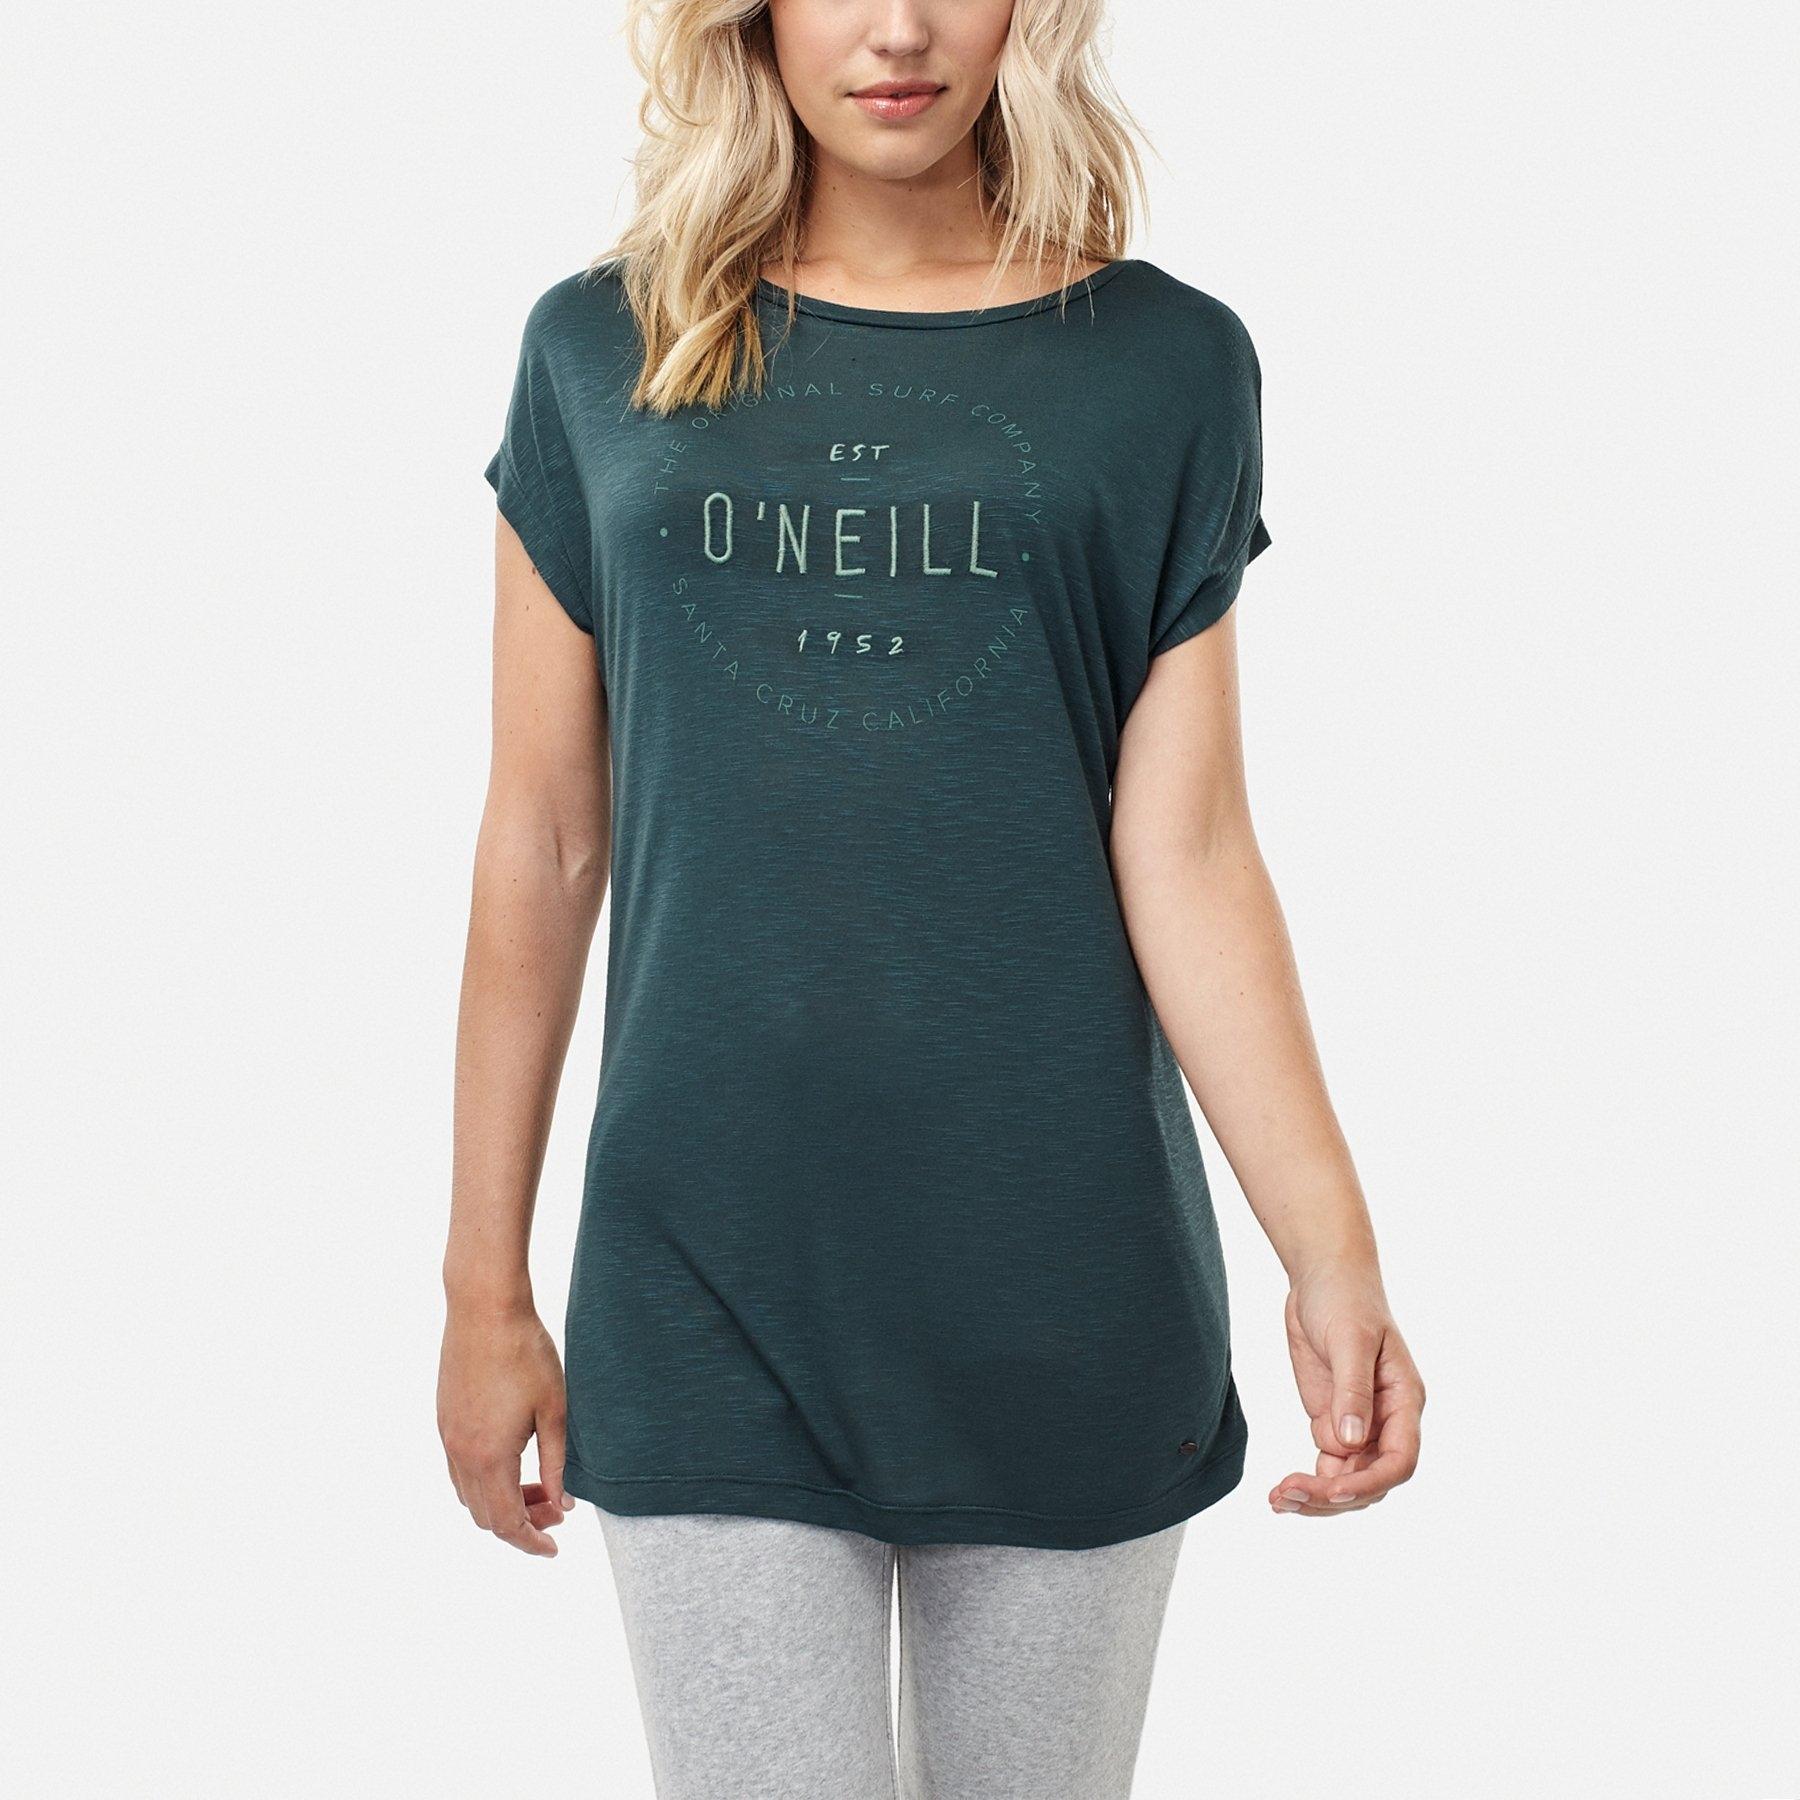 Bestellen T Online Logo shirtessentials O'neill rCedxoB